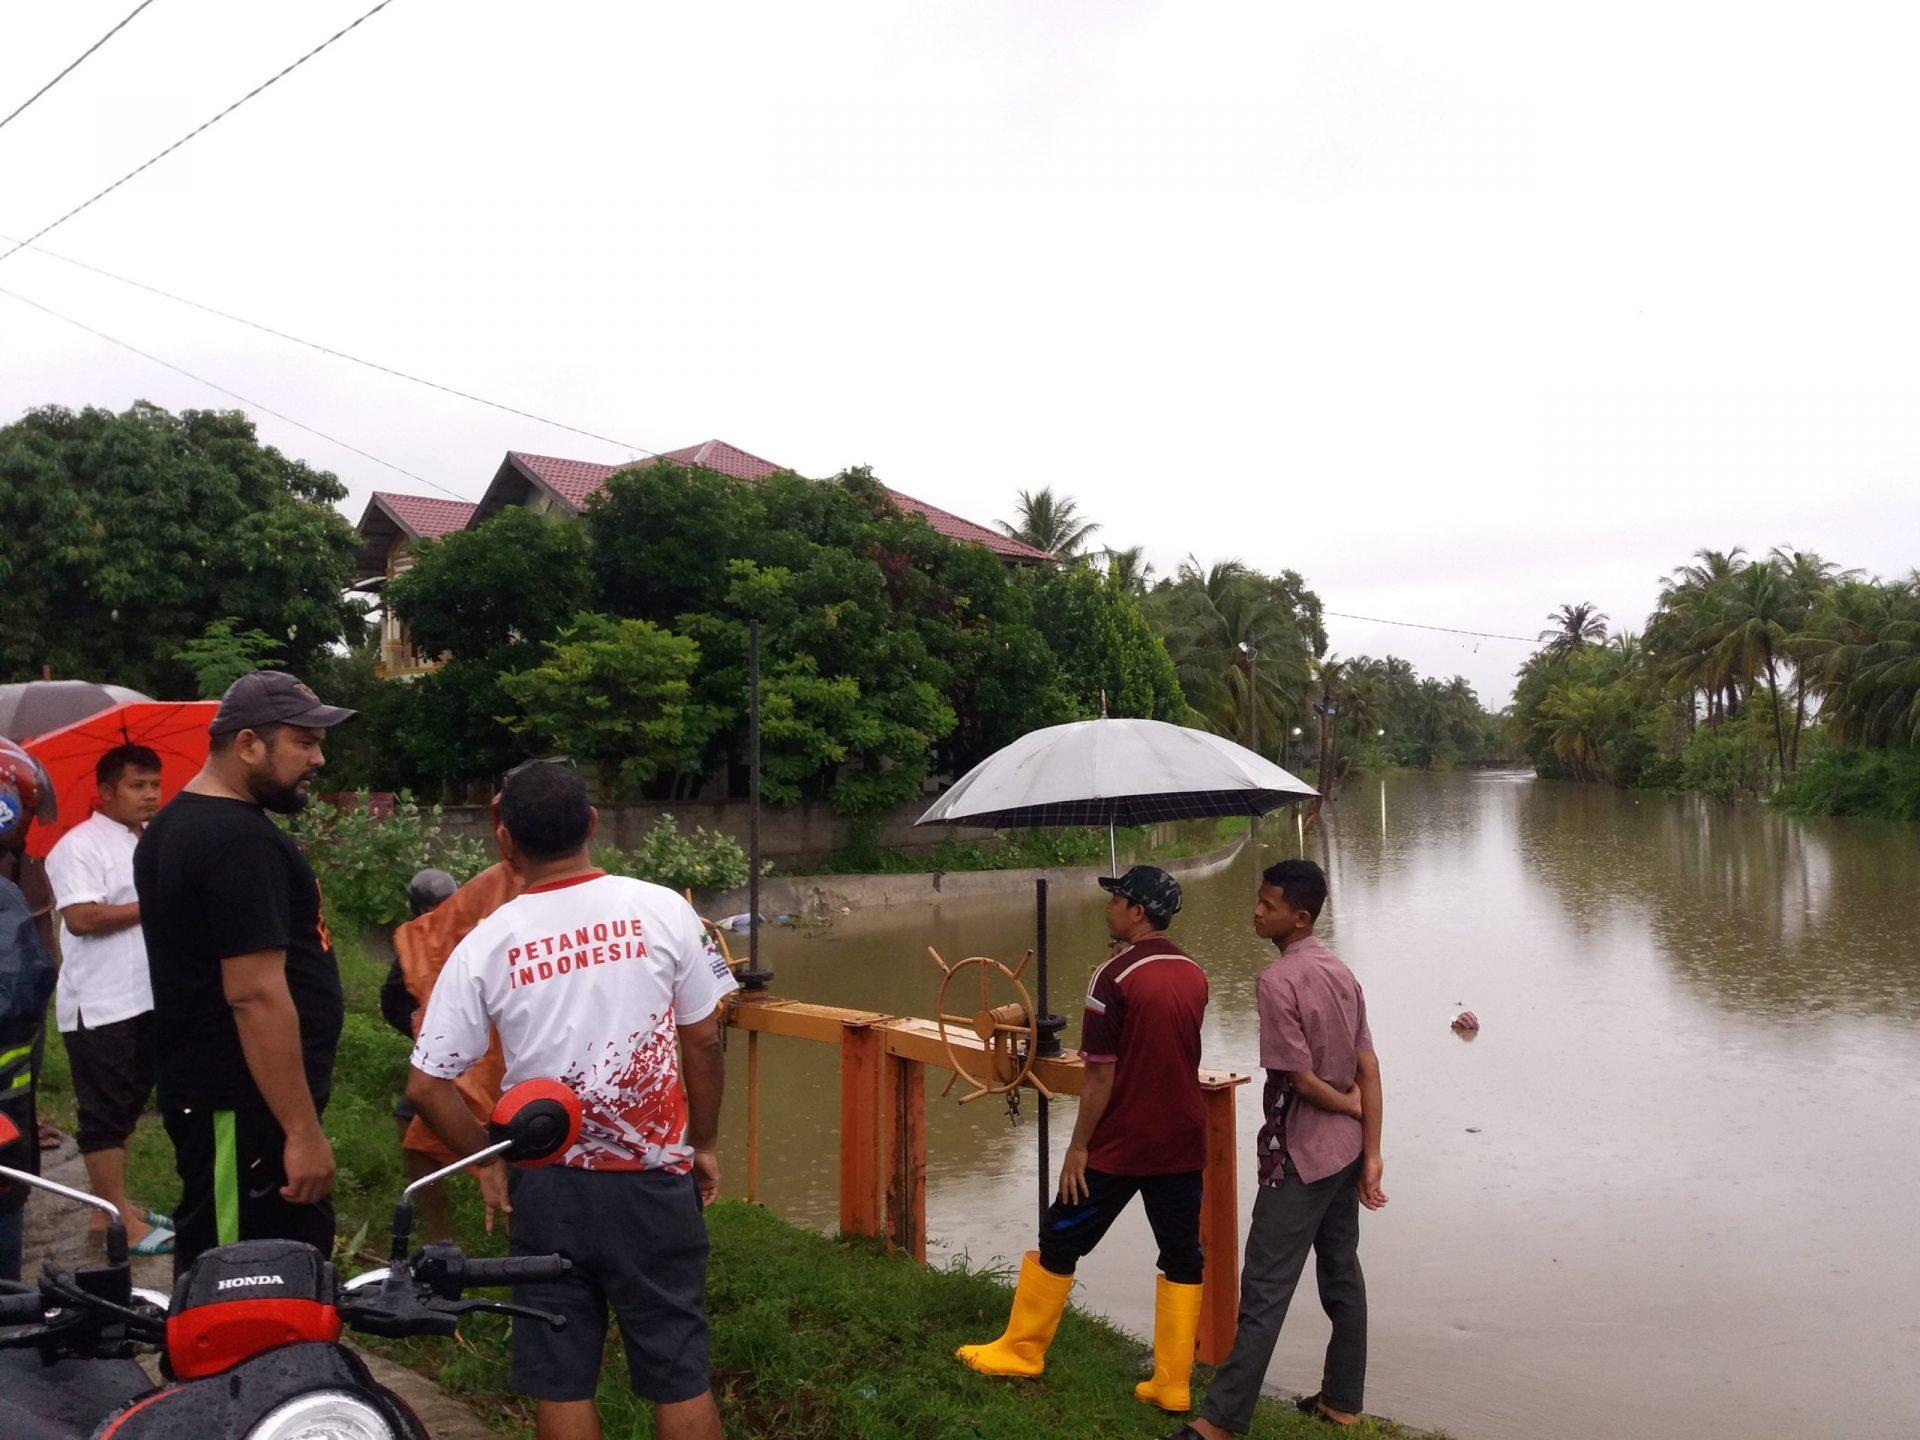 Antisipasi Banjir, Arfiansyah Pantau Pintu Irigasi Desa Limpok Darussalam